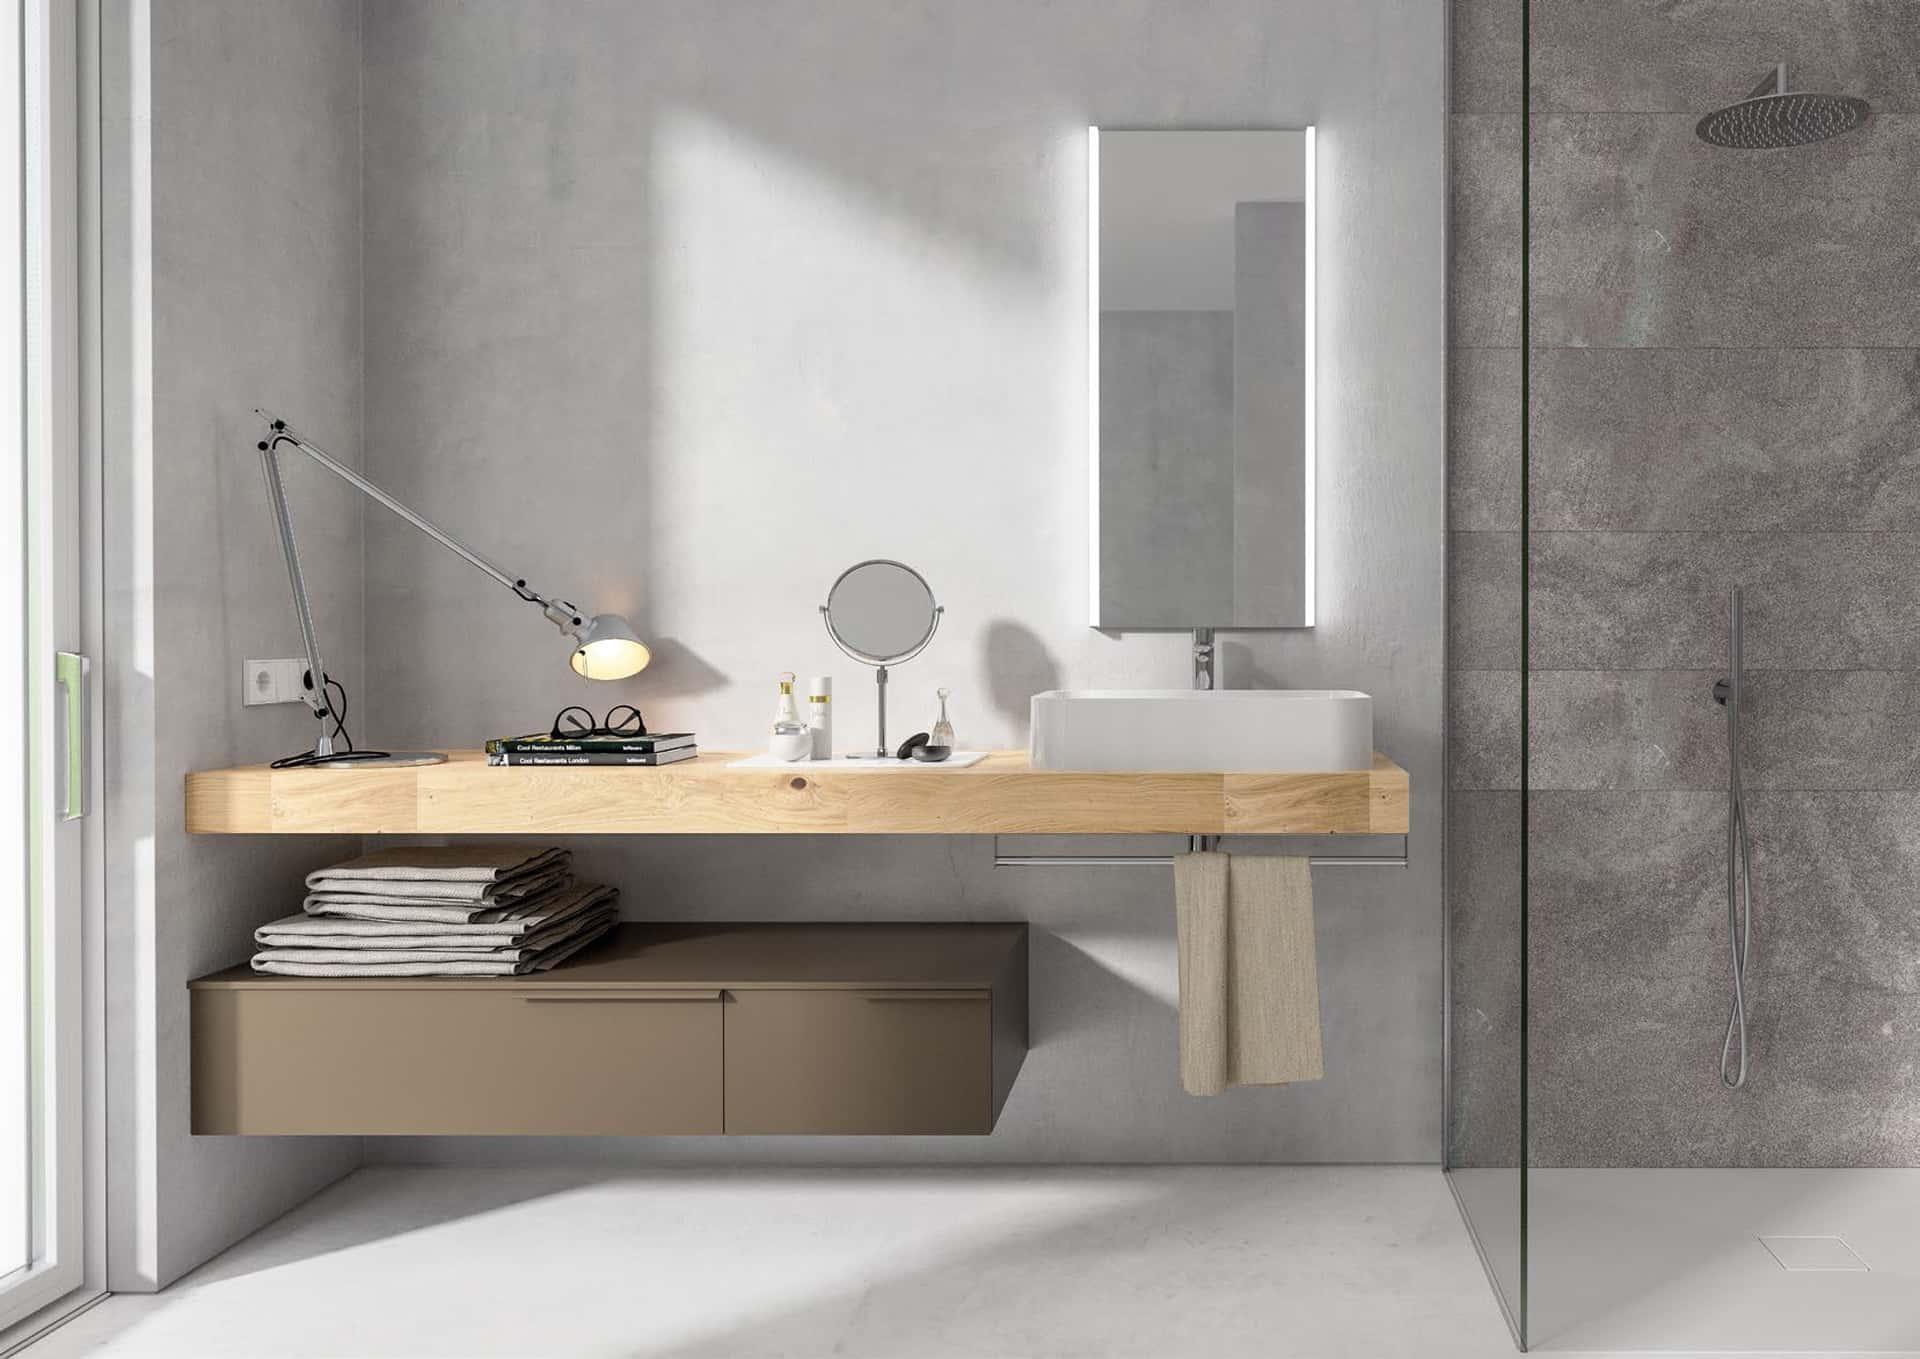 Mobili per il bagno manhattan di berloni bagno - Legno per bagno ...